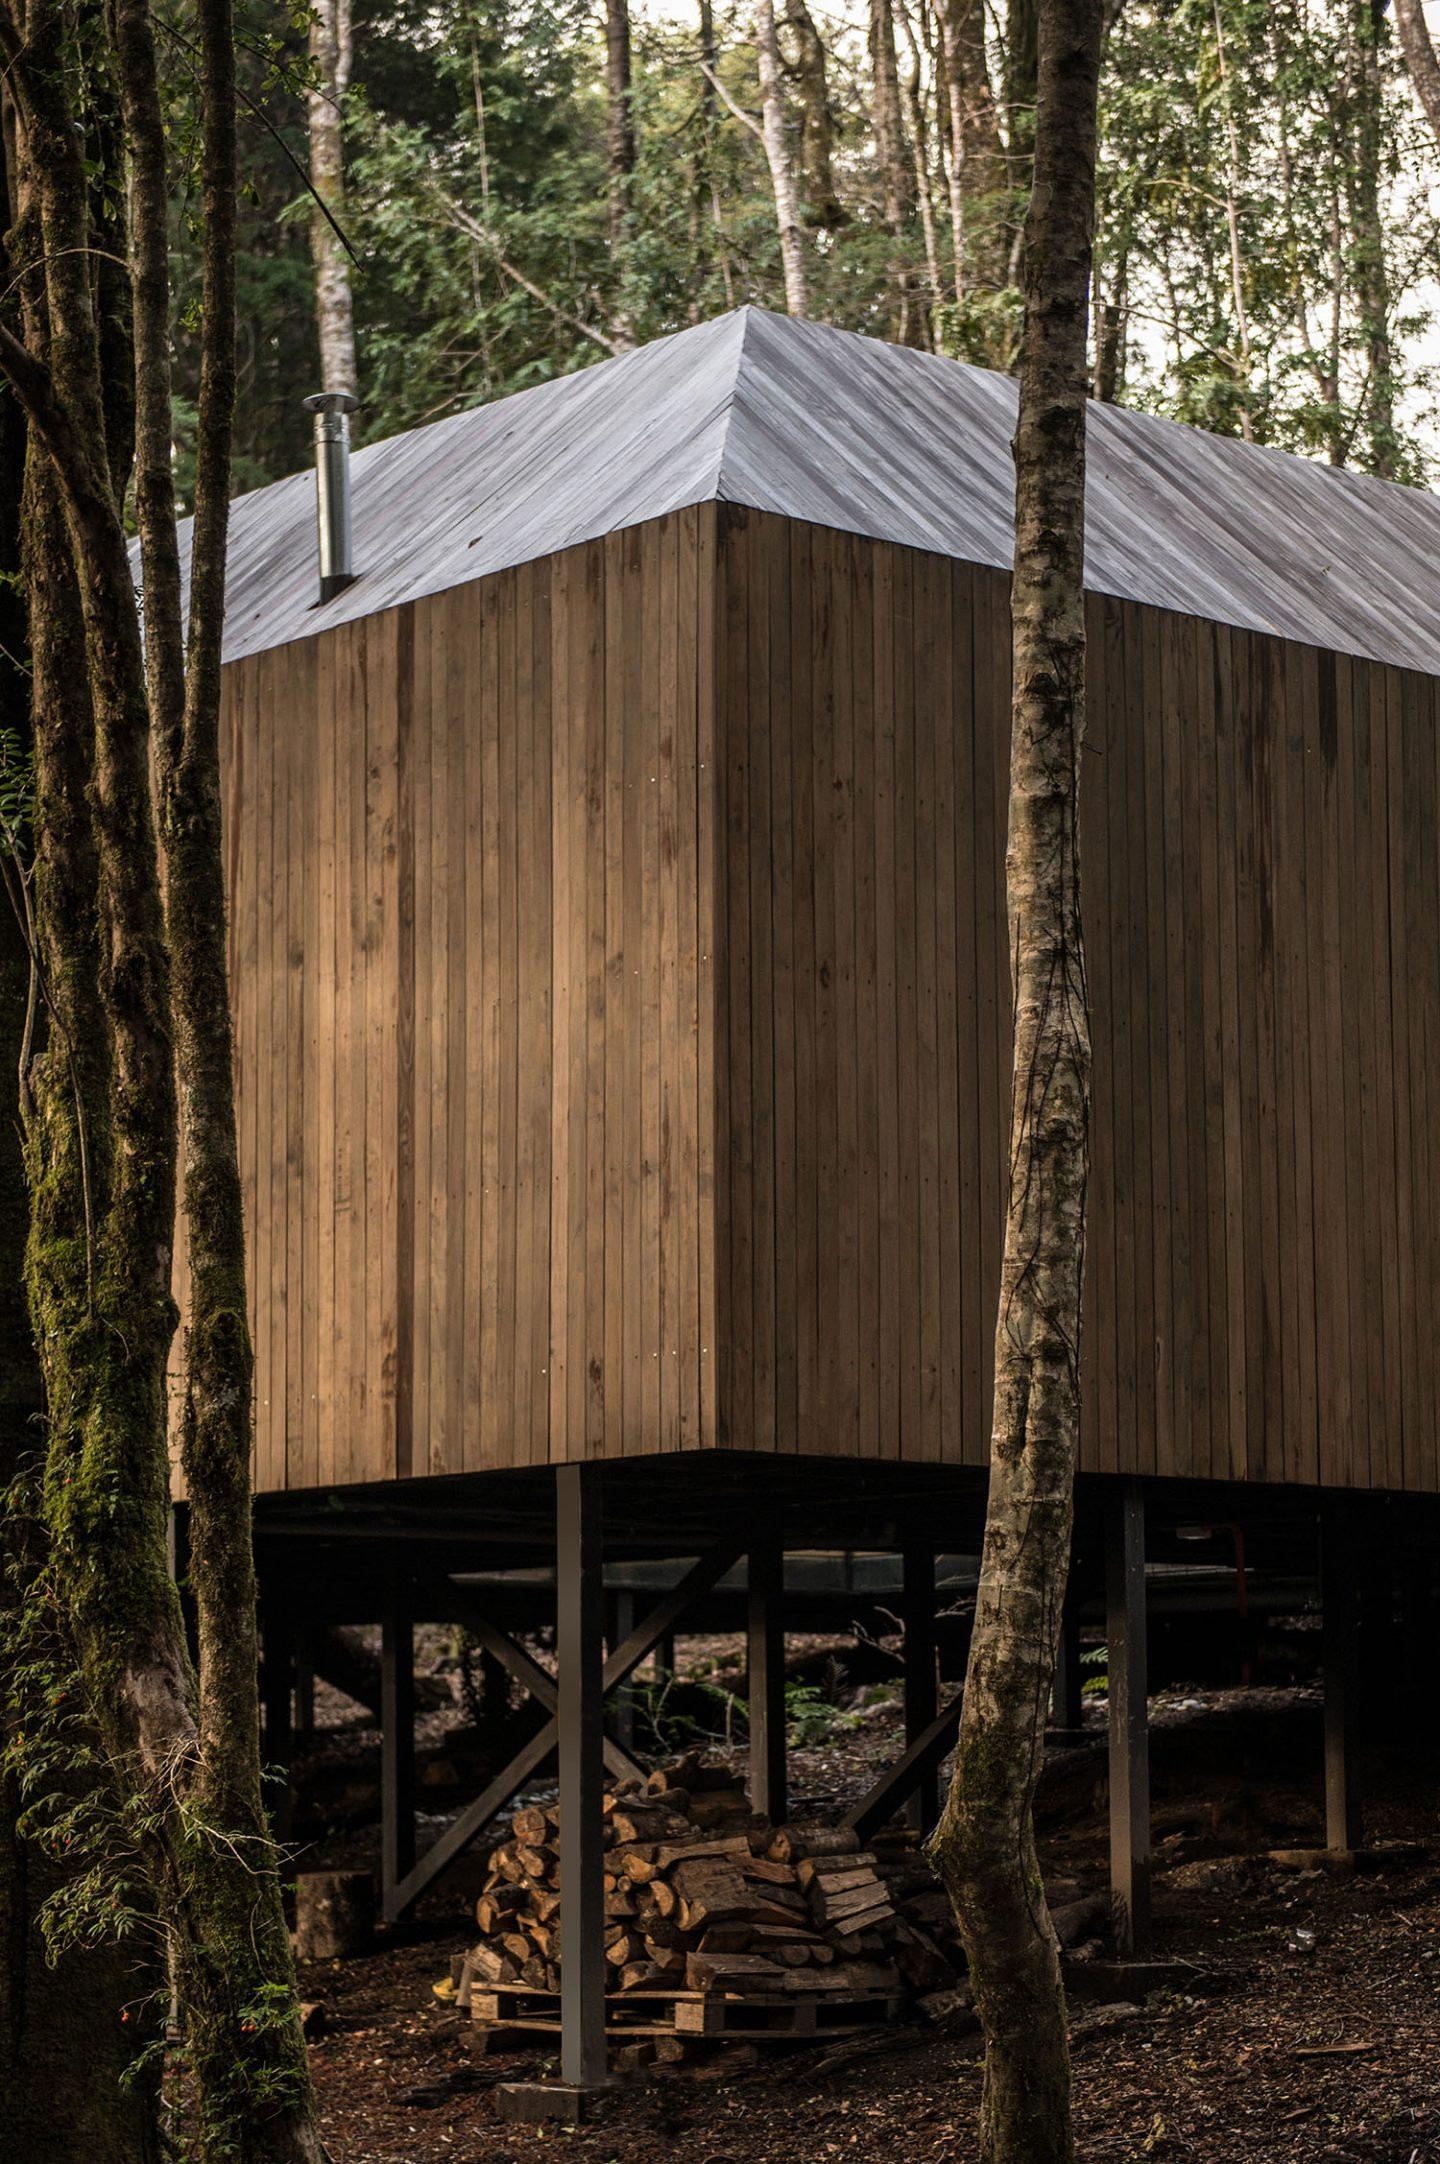 IGNANT-Architecture-SAAArquitecturaoTerritorio-RefugioImpluvio-4